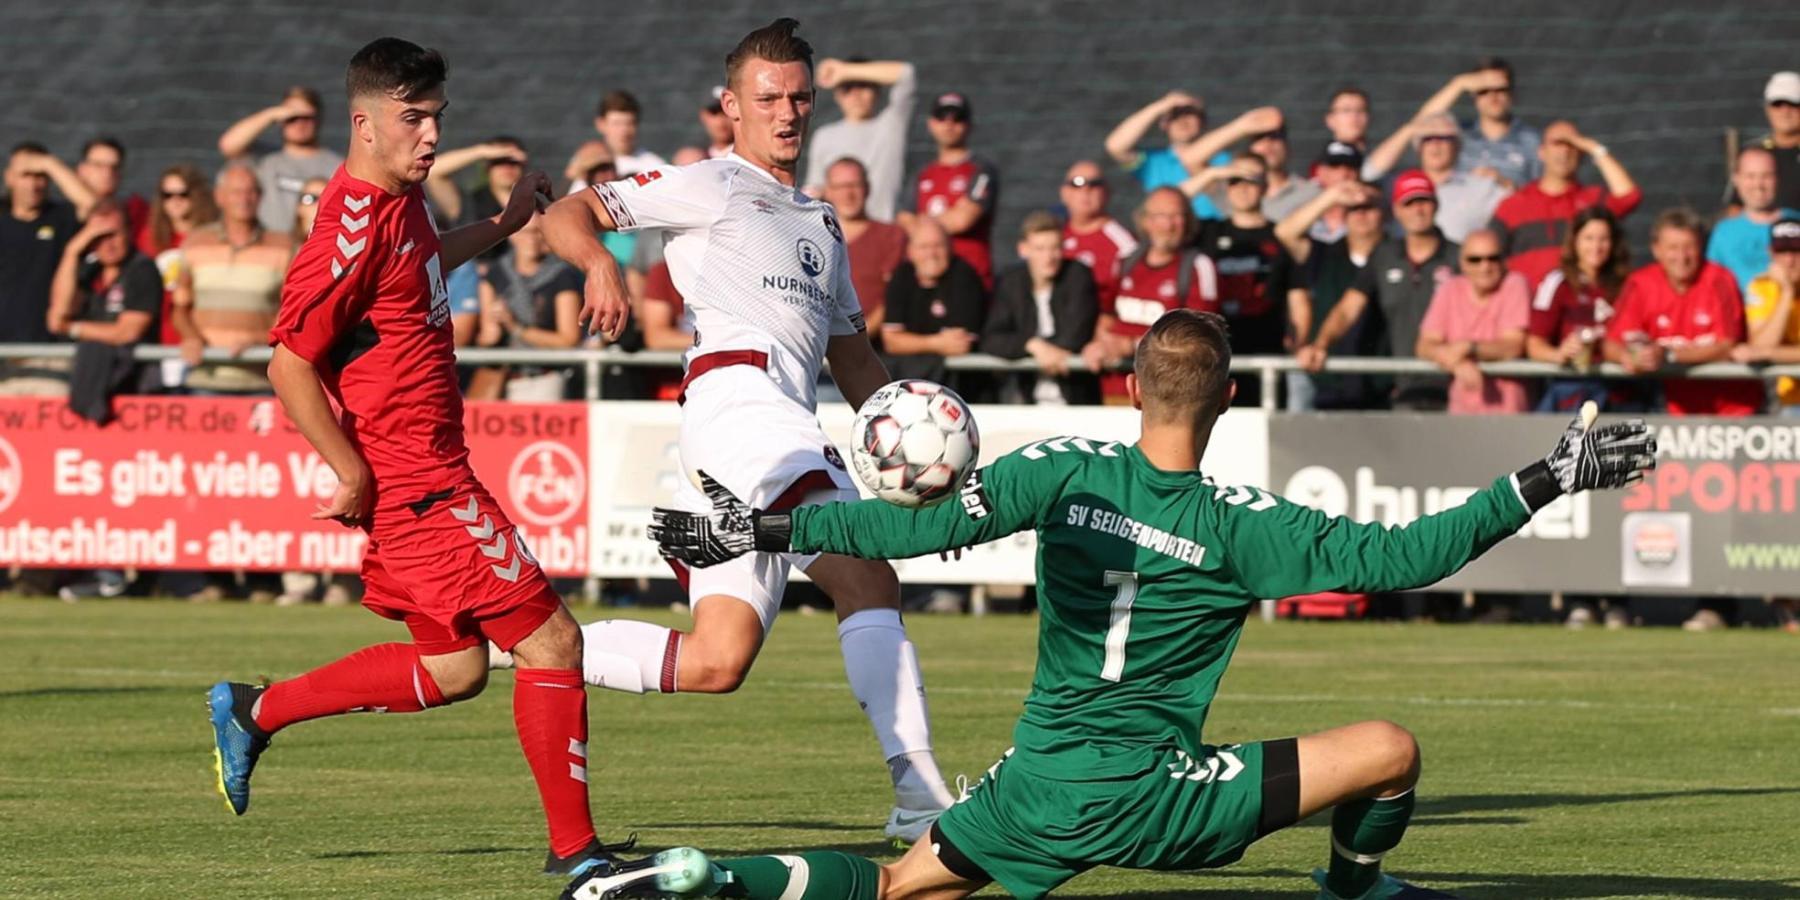 Törles Knöll trifft für den 1. FC Nürnberg